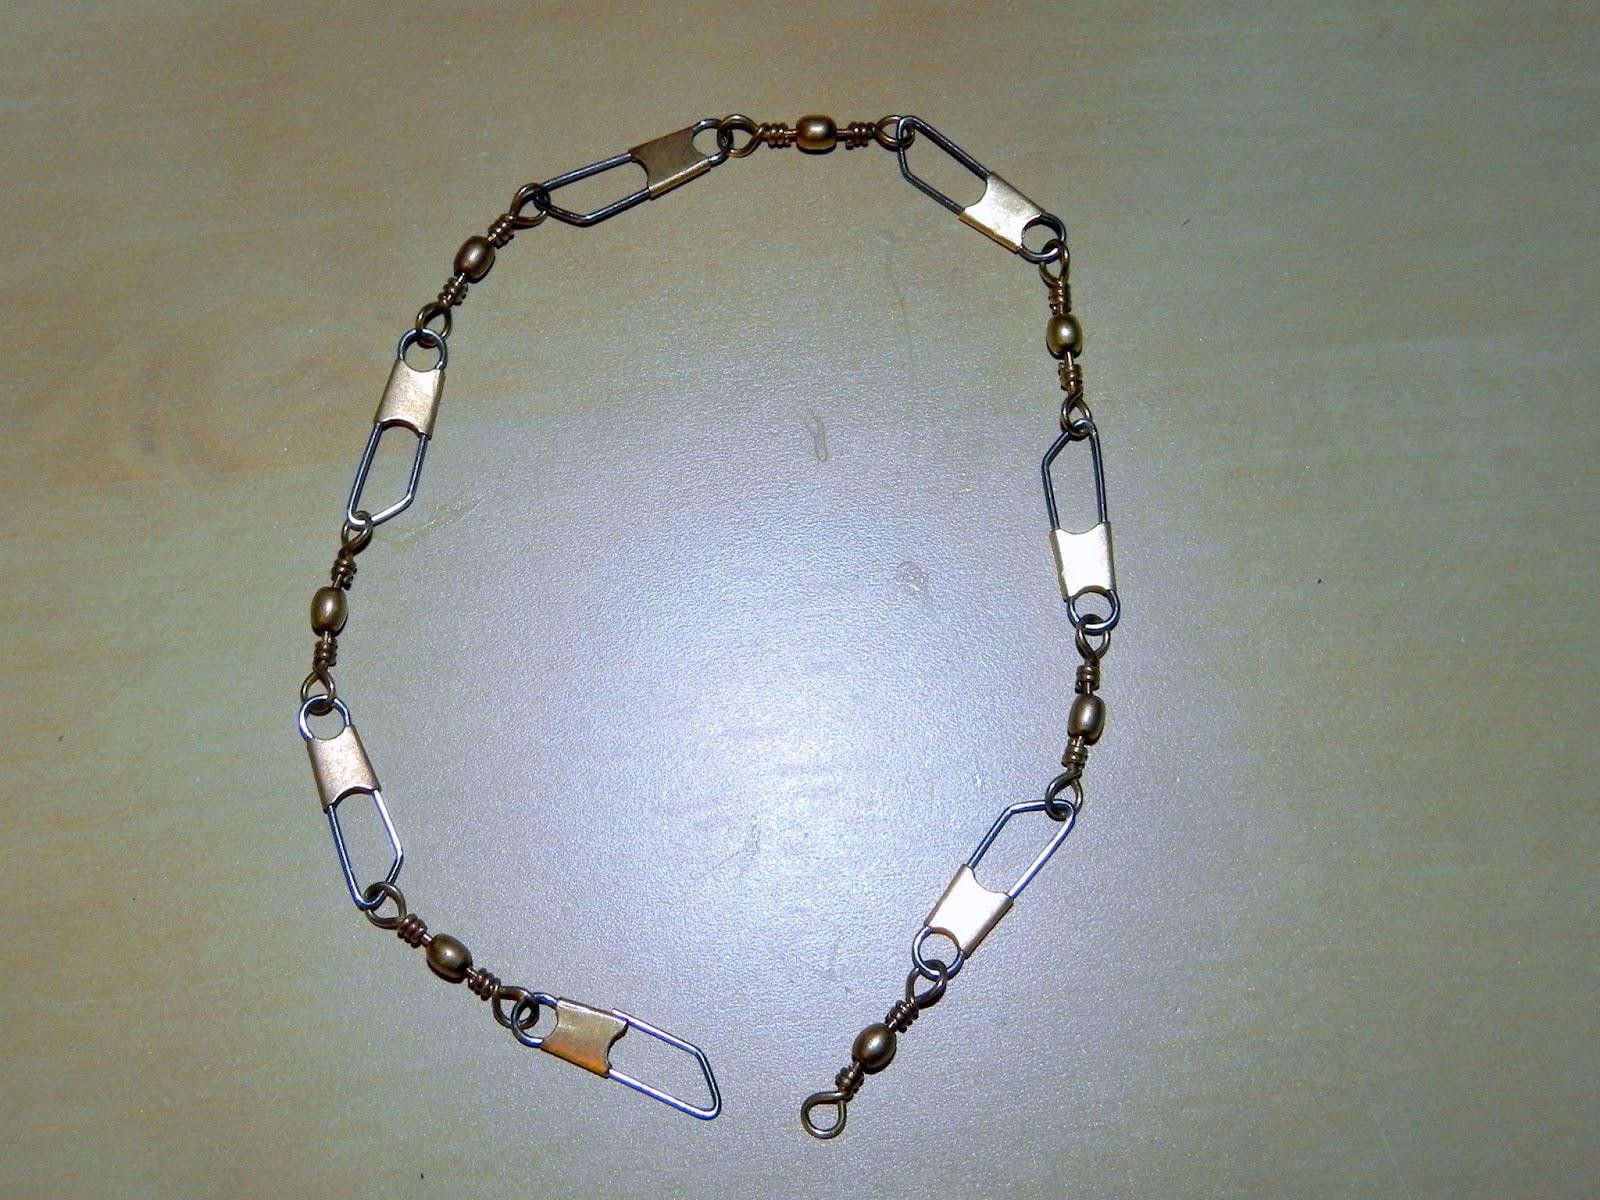 Smart N Snazzy Diy Dainty Bracelet Using Fishing Swivel Links